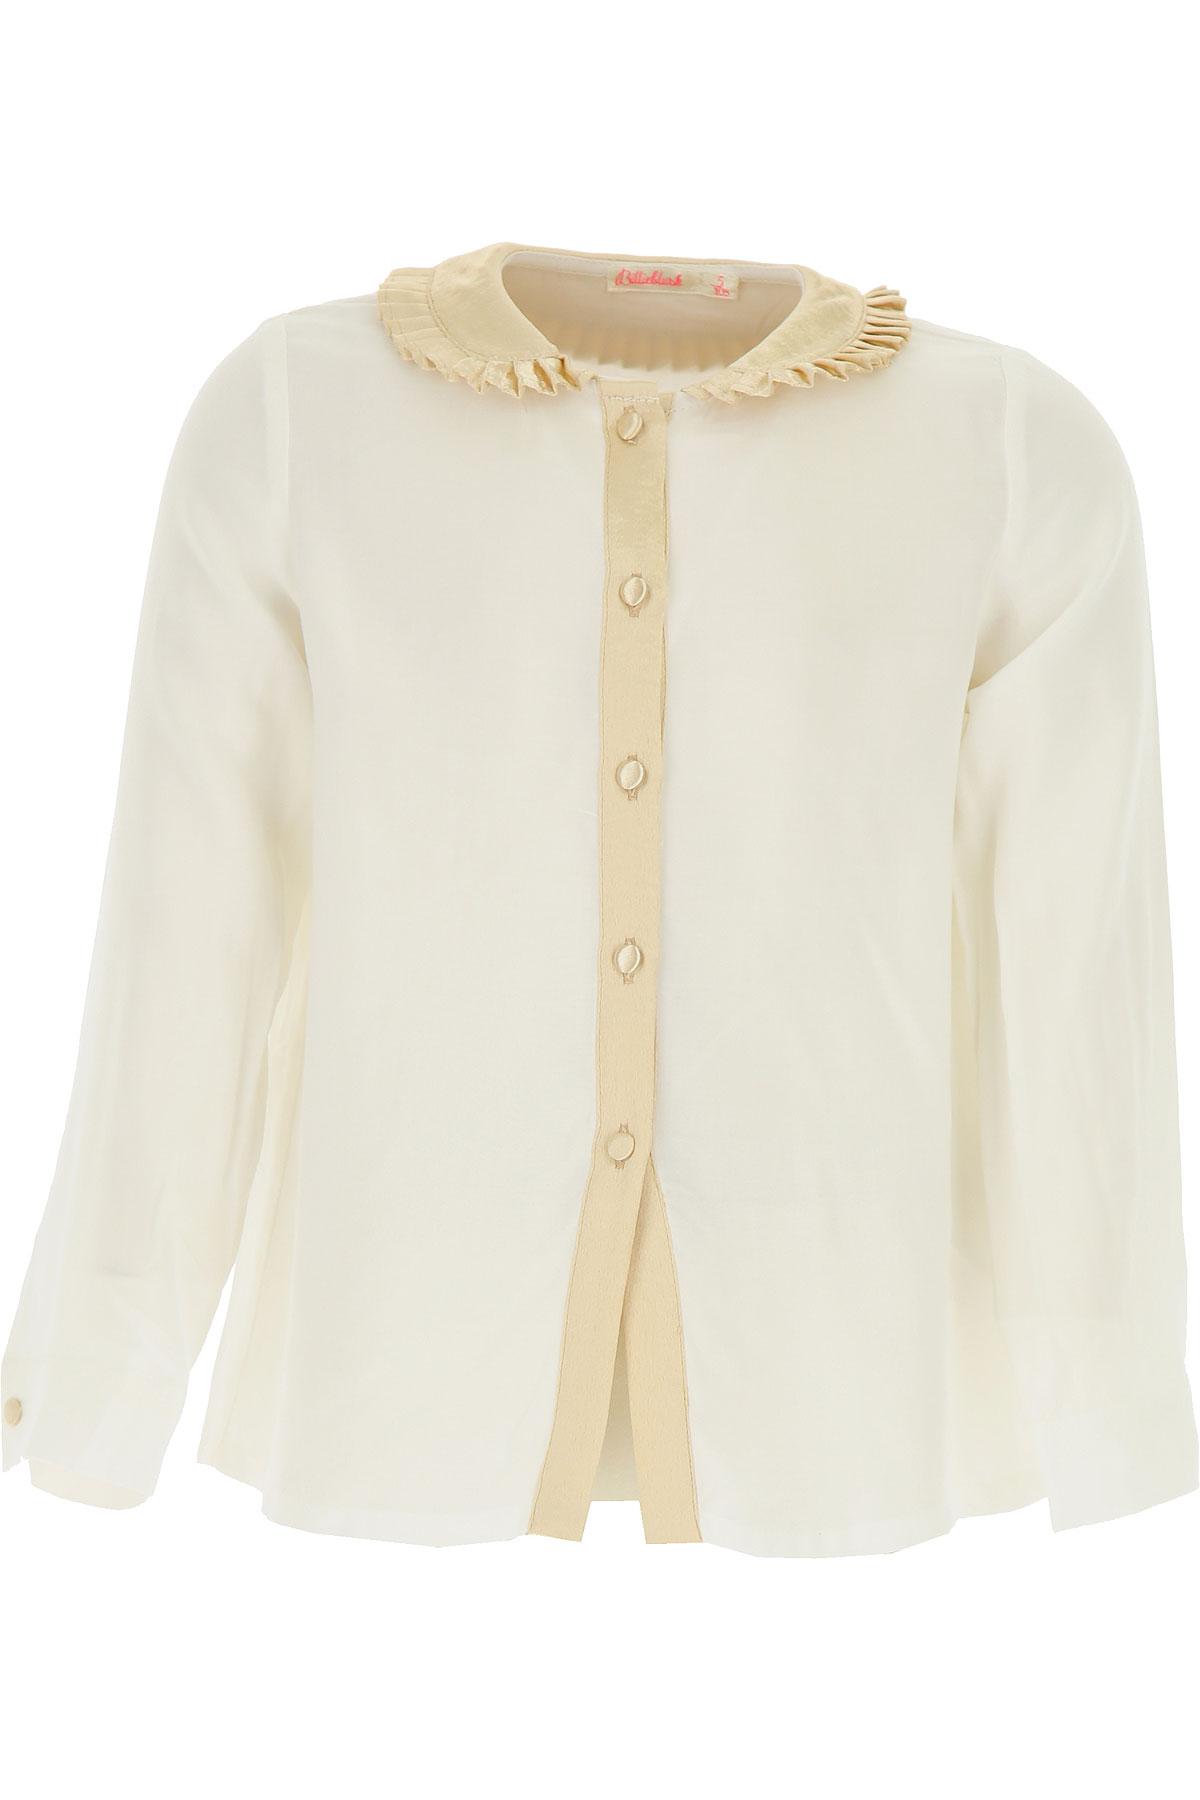 Image of Billieblush Kids Shirts for Girls, White, viscosa, 2017, 10Y 2Y 4Y 6Y 8Y